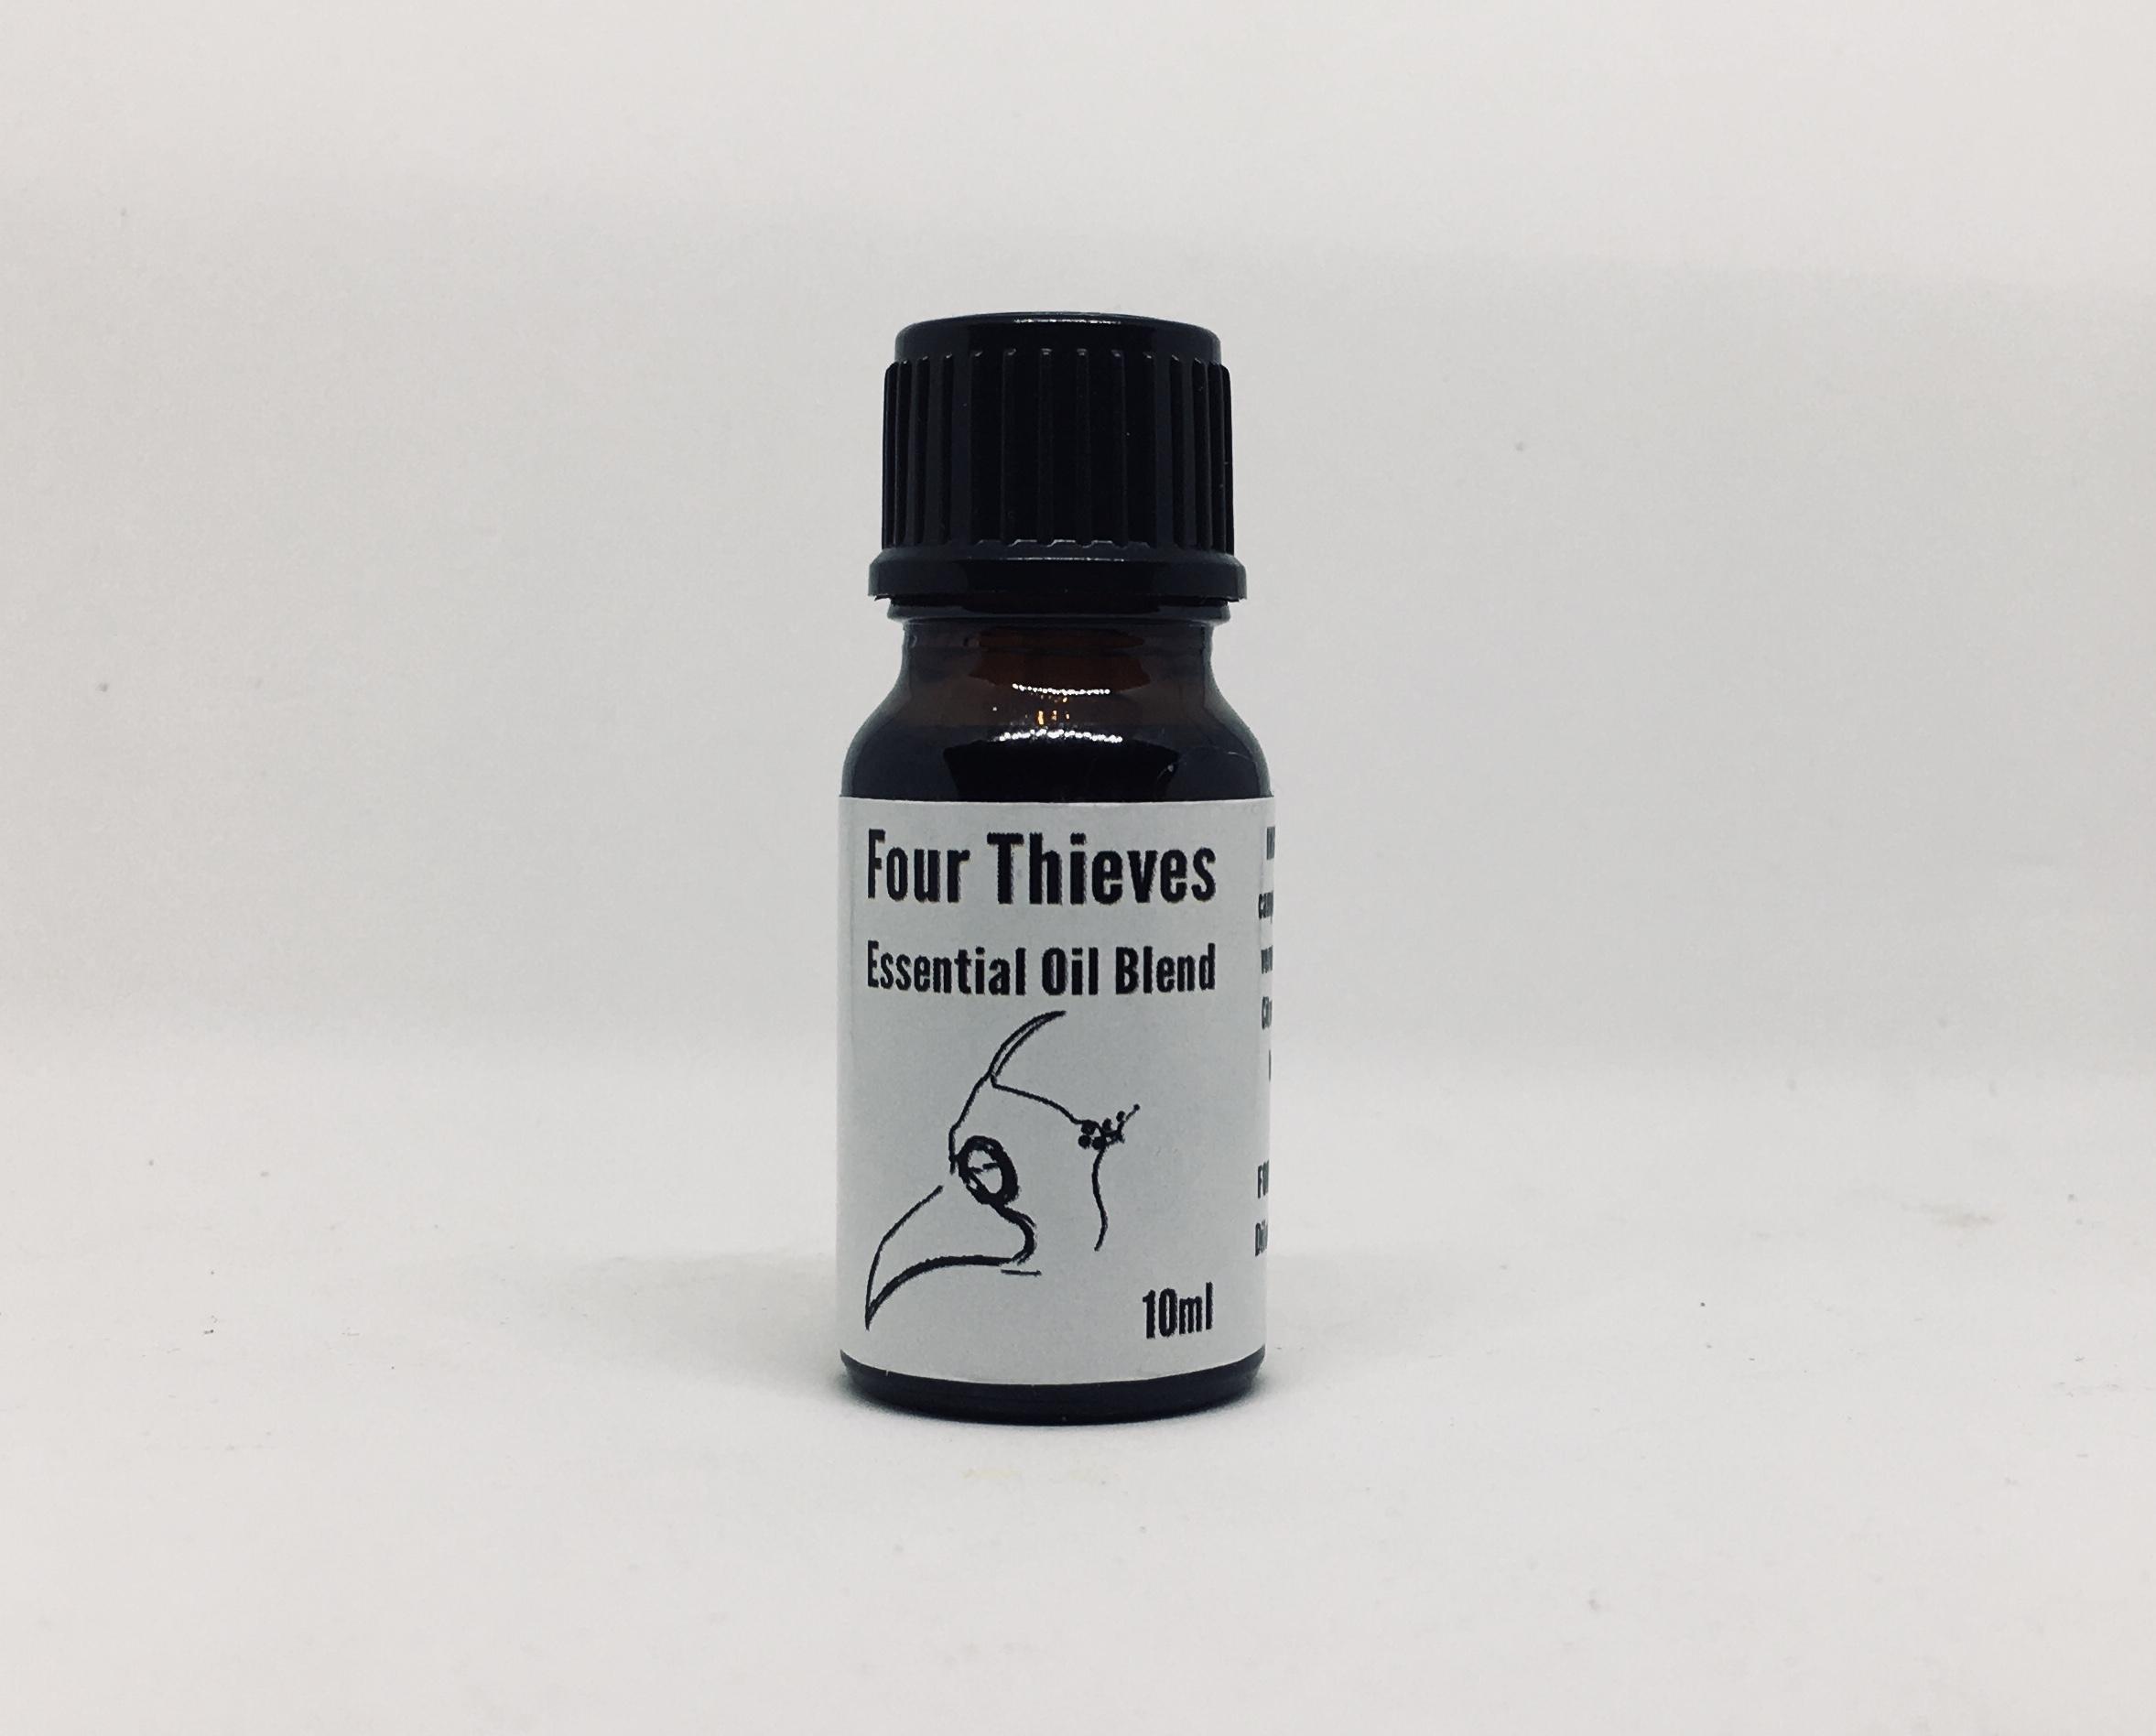 Four Thieves Essential Oil Blend